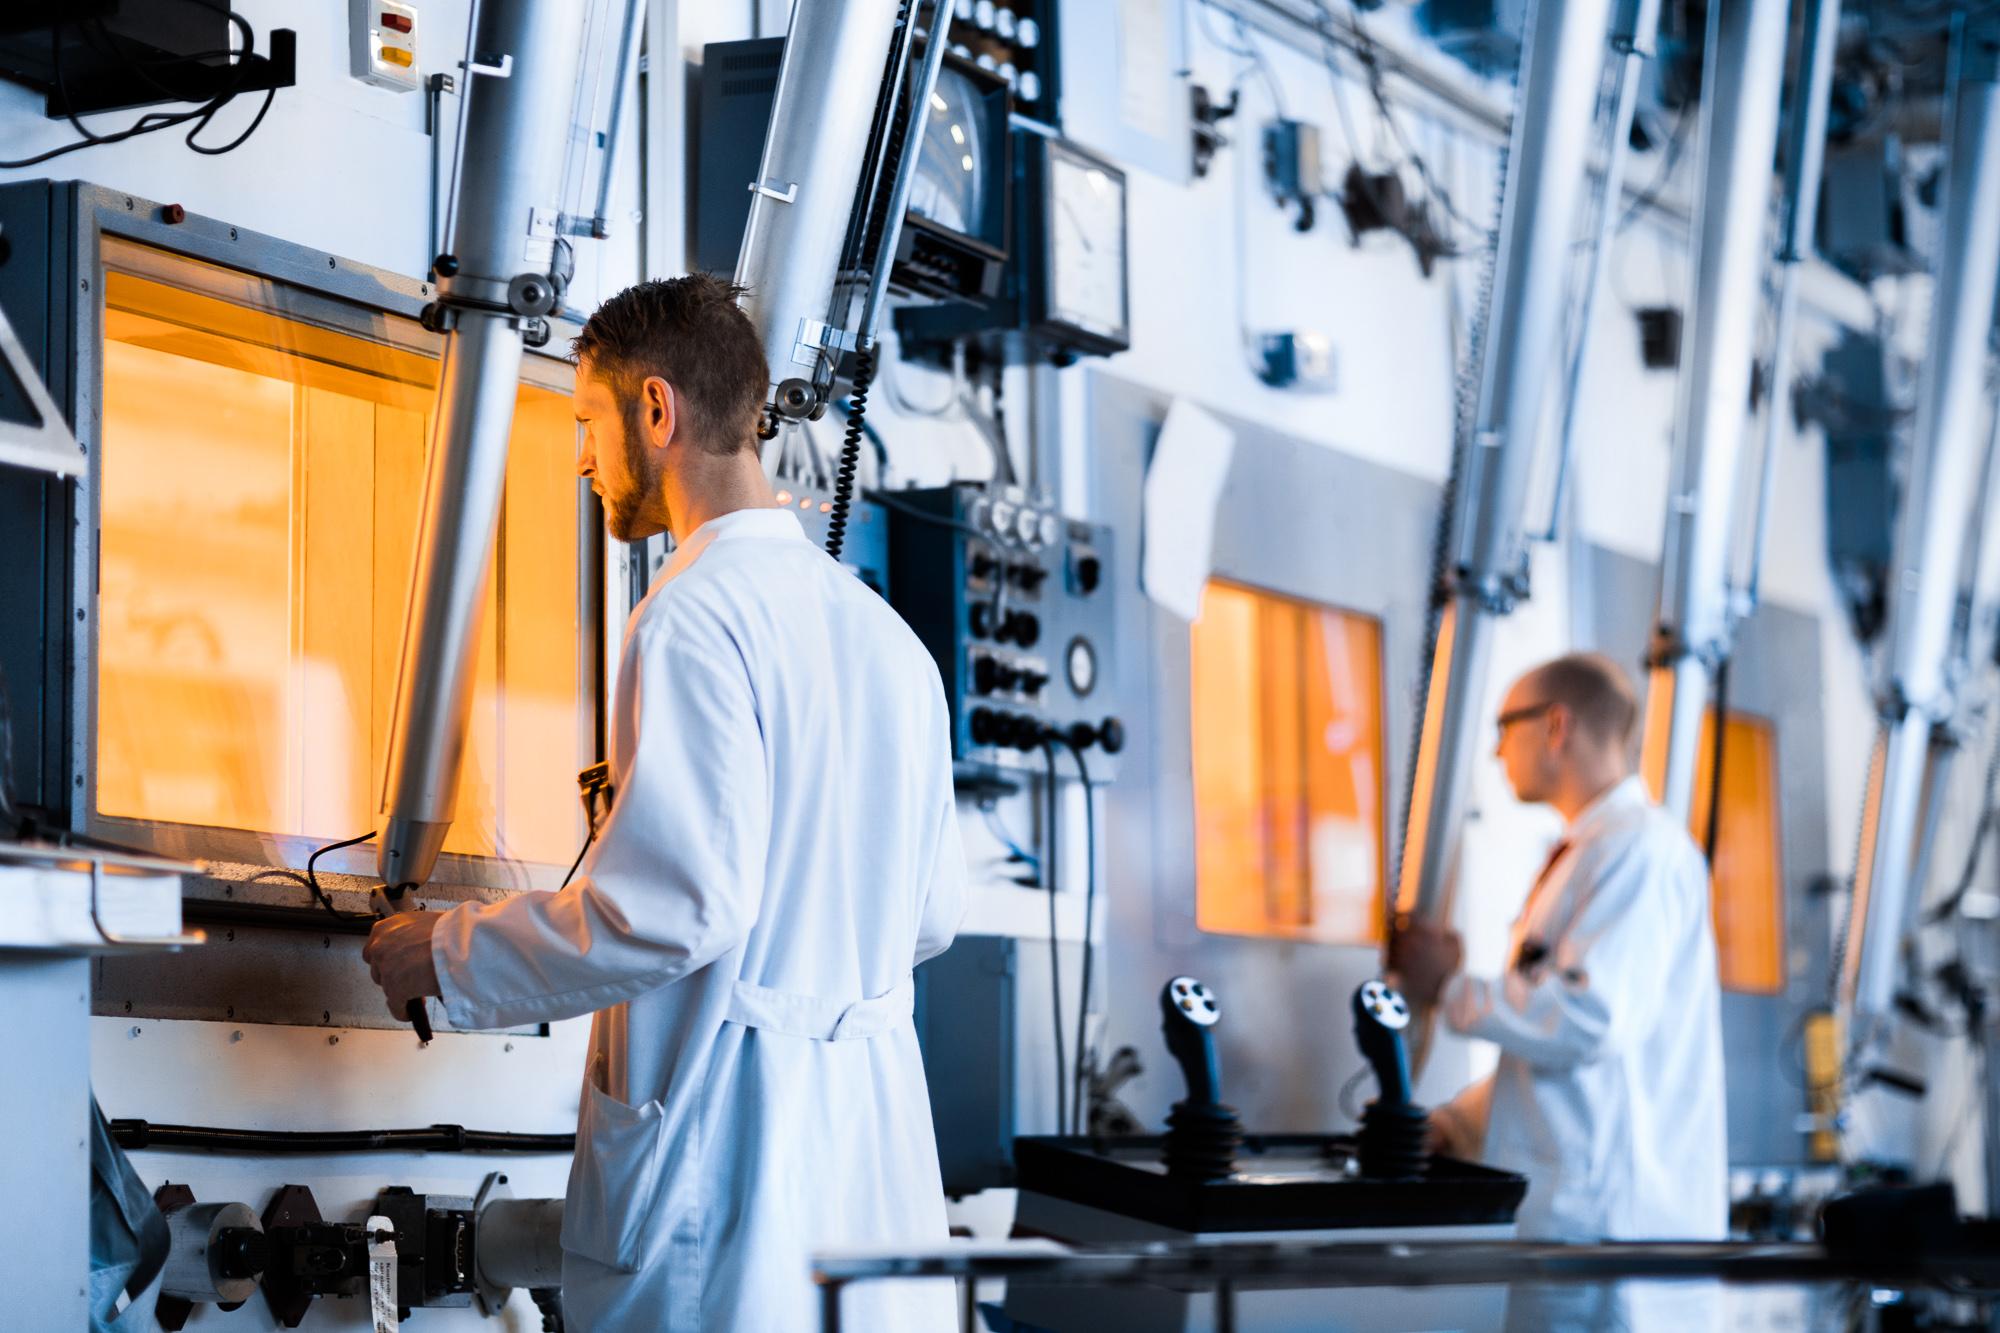 Hotcell-laboratoriet hos Studsvik